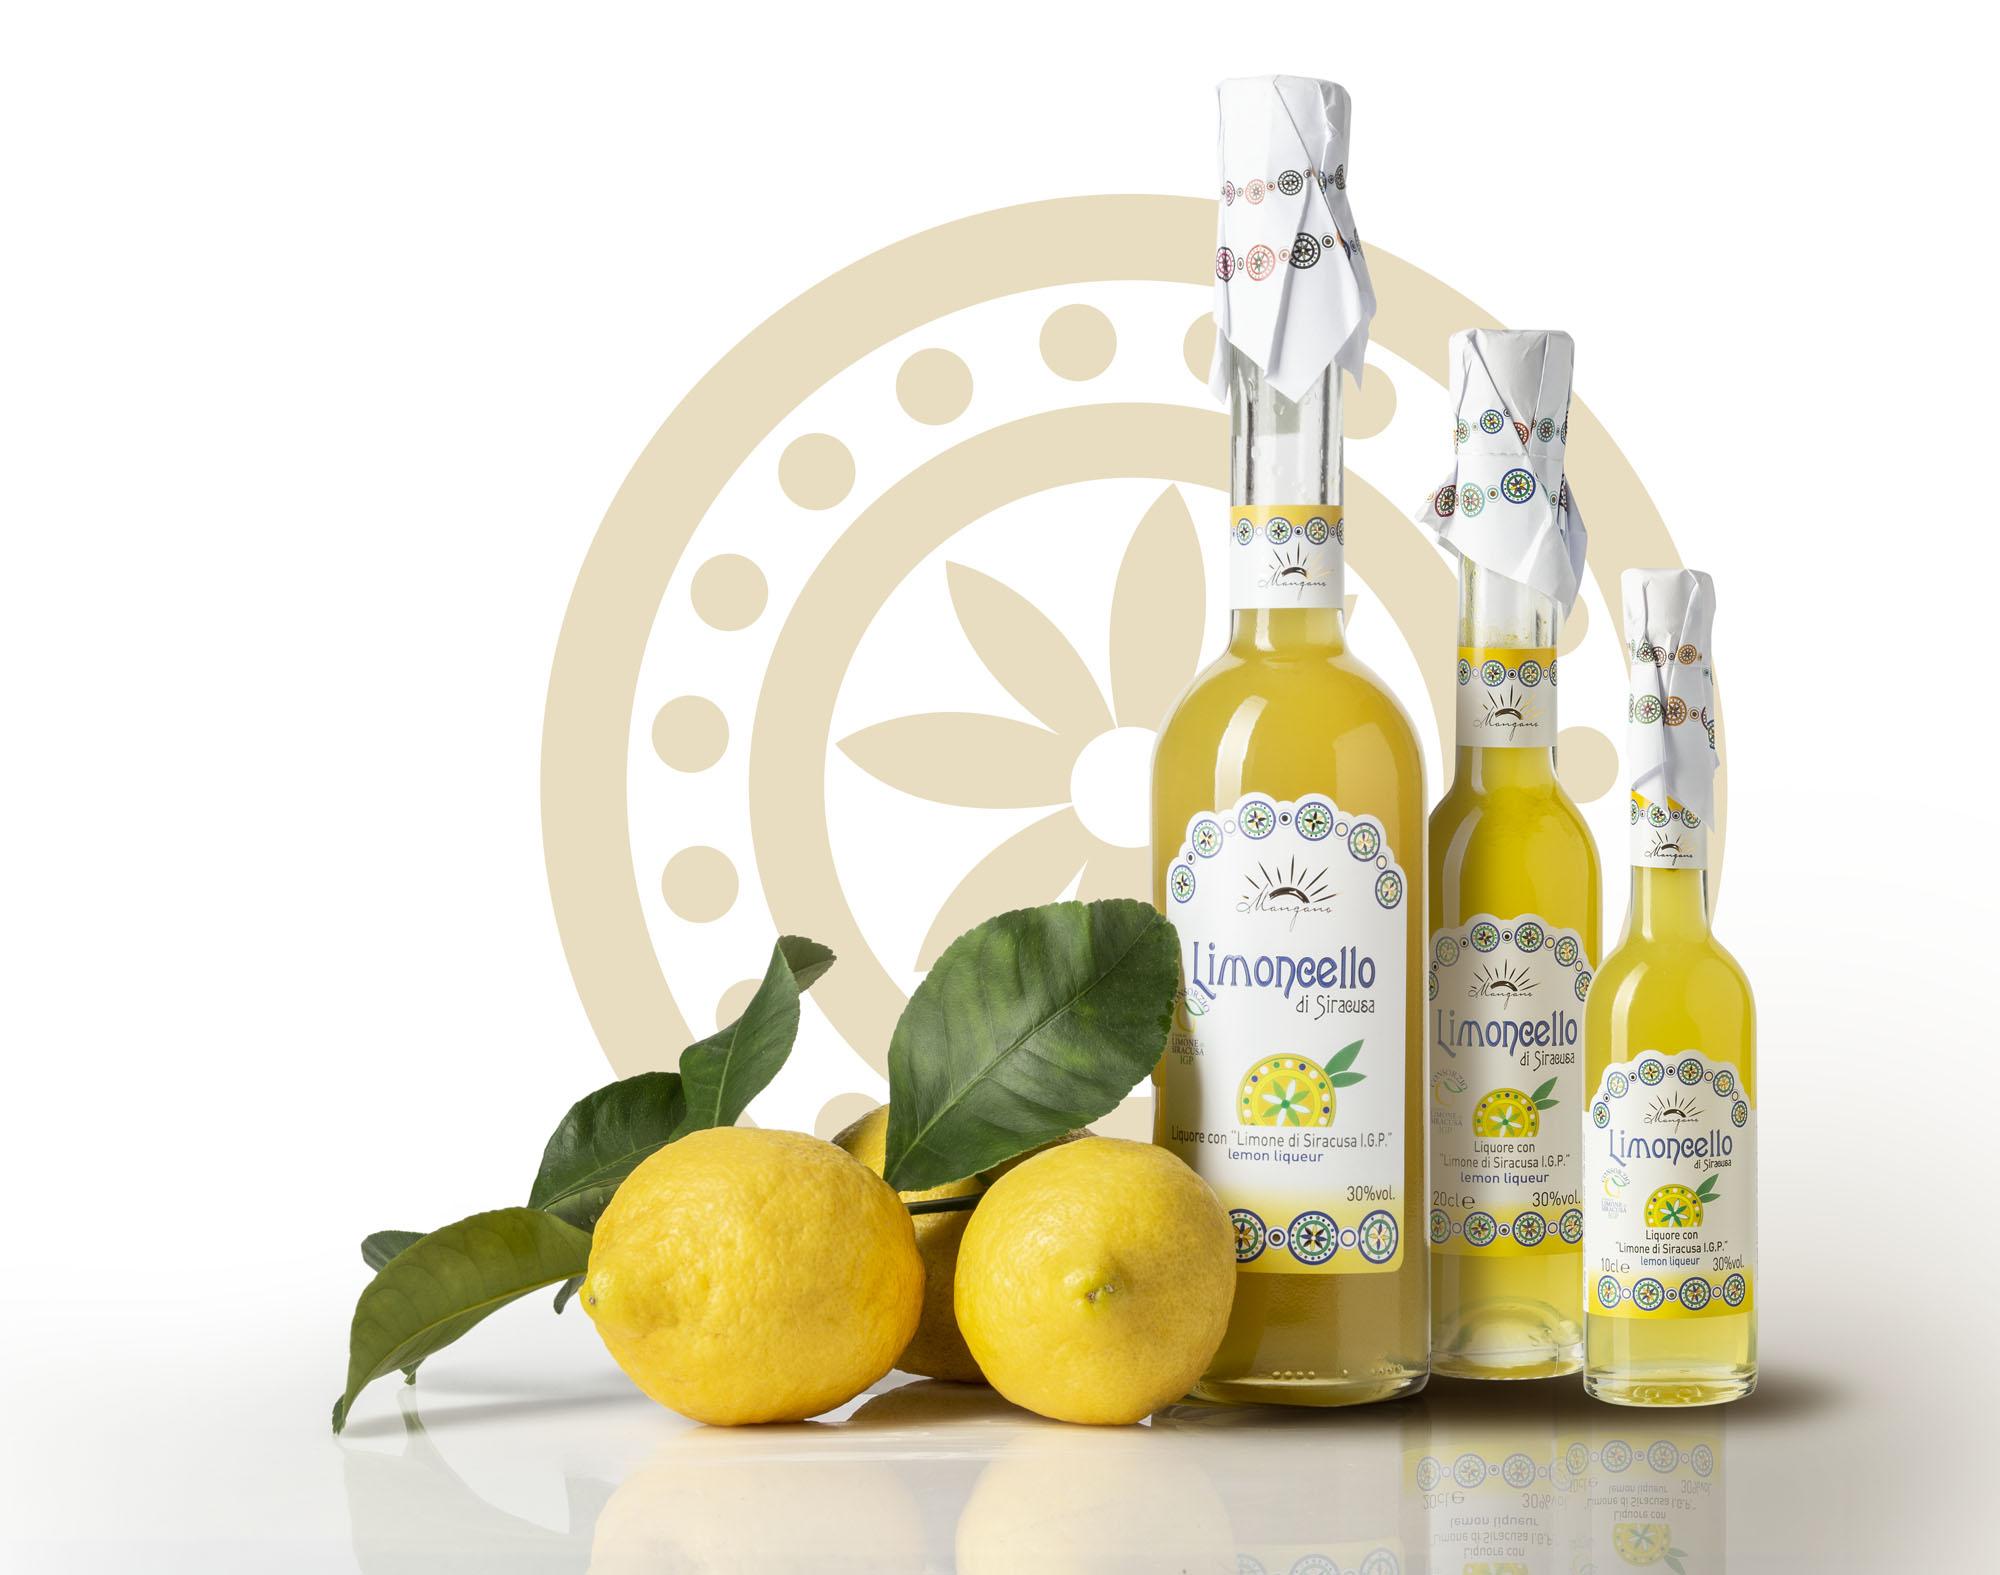 Limoncello Liquore con Limone di Siracusa IGP